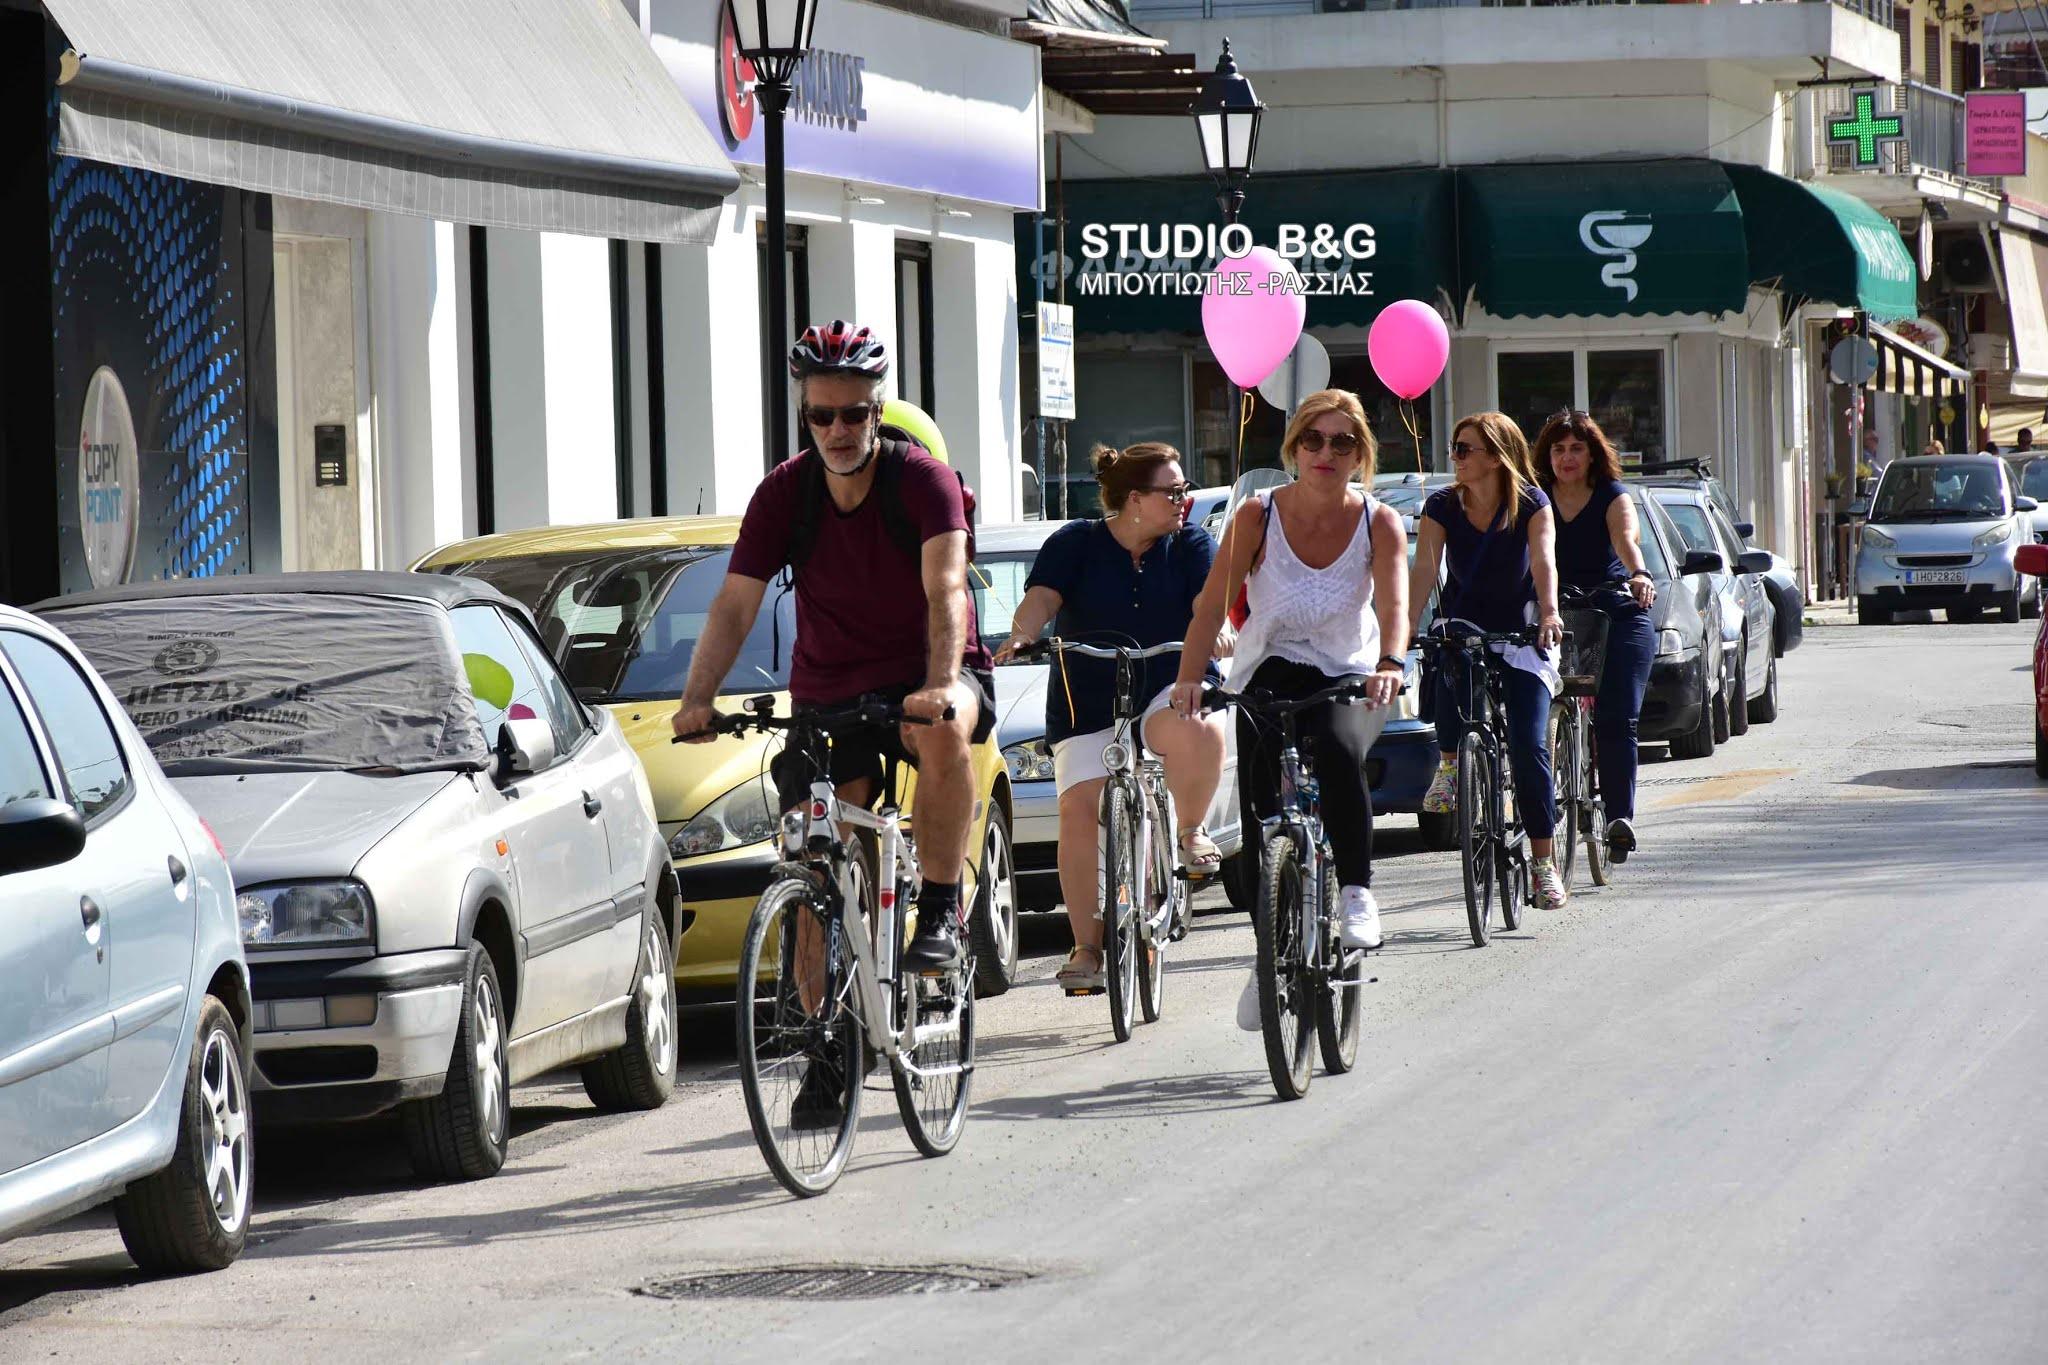 """Συμβολική ποδηλατάδα στο Ναύπλιο για την """"Ευρωπαϊκή Ημέρα Χωρίς Αυτοκίνητο"""" (βίντεο)"""